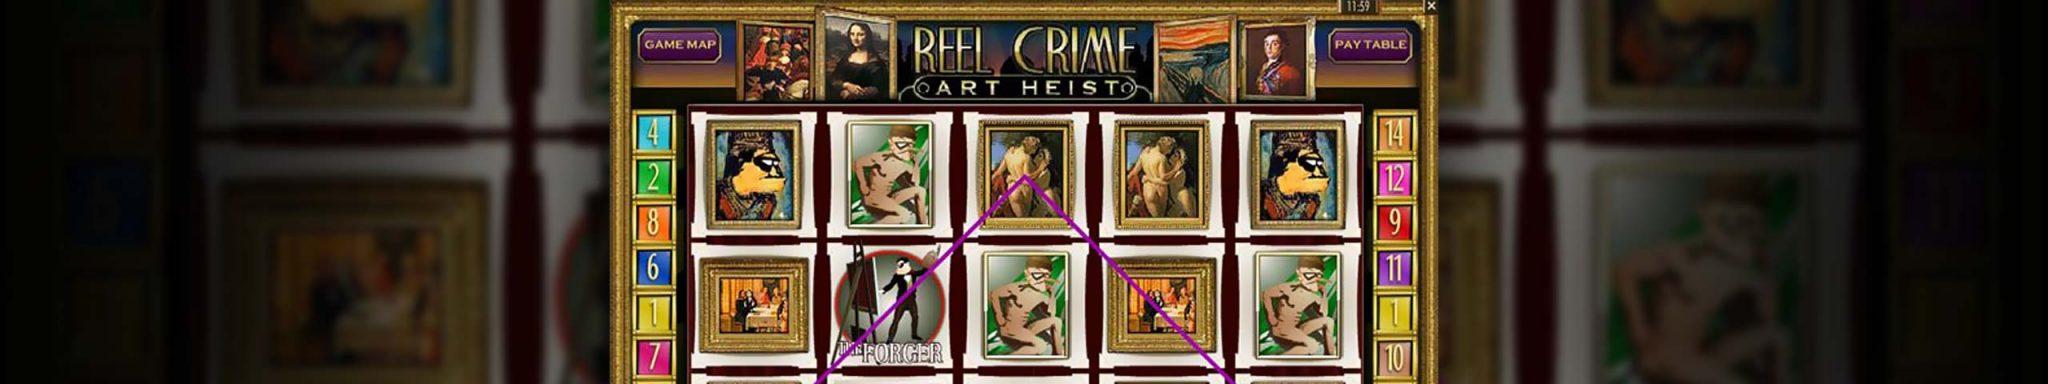 Norske Spilleautomater Reel Crime: Art Heist, Rival Slider - Himmelspill.com